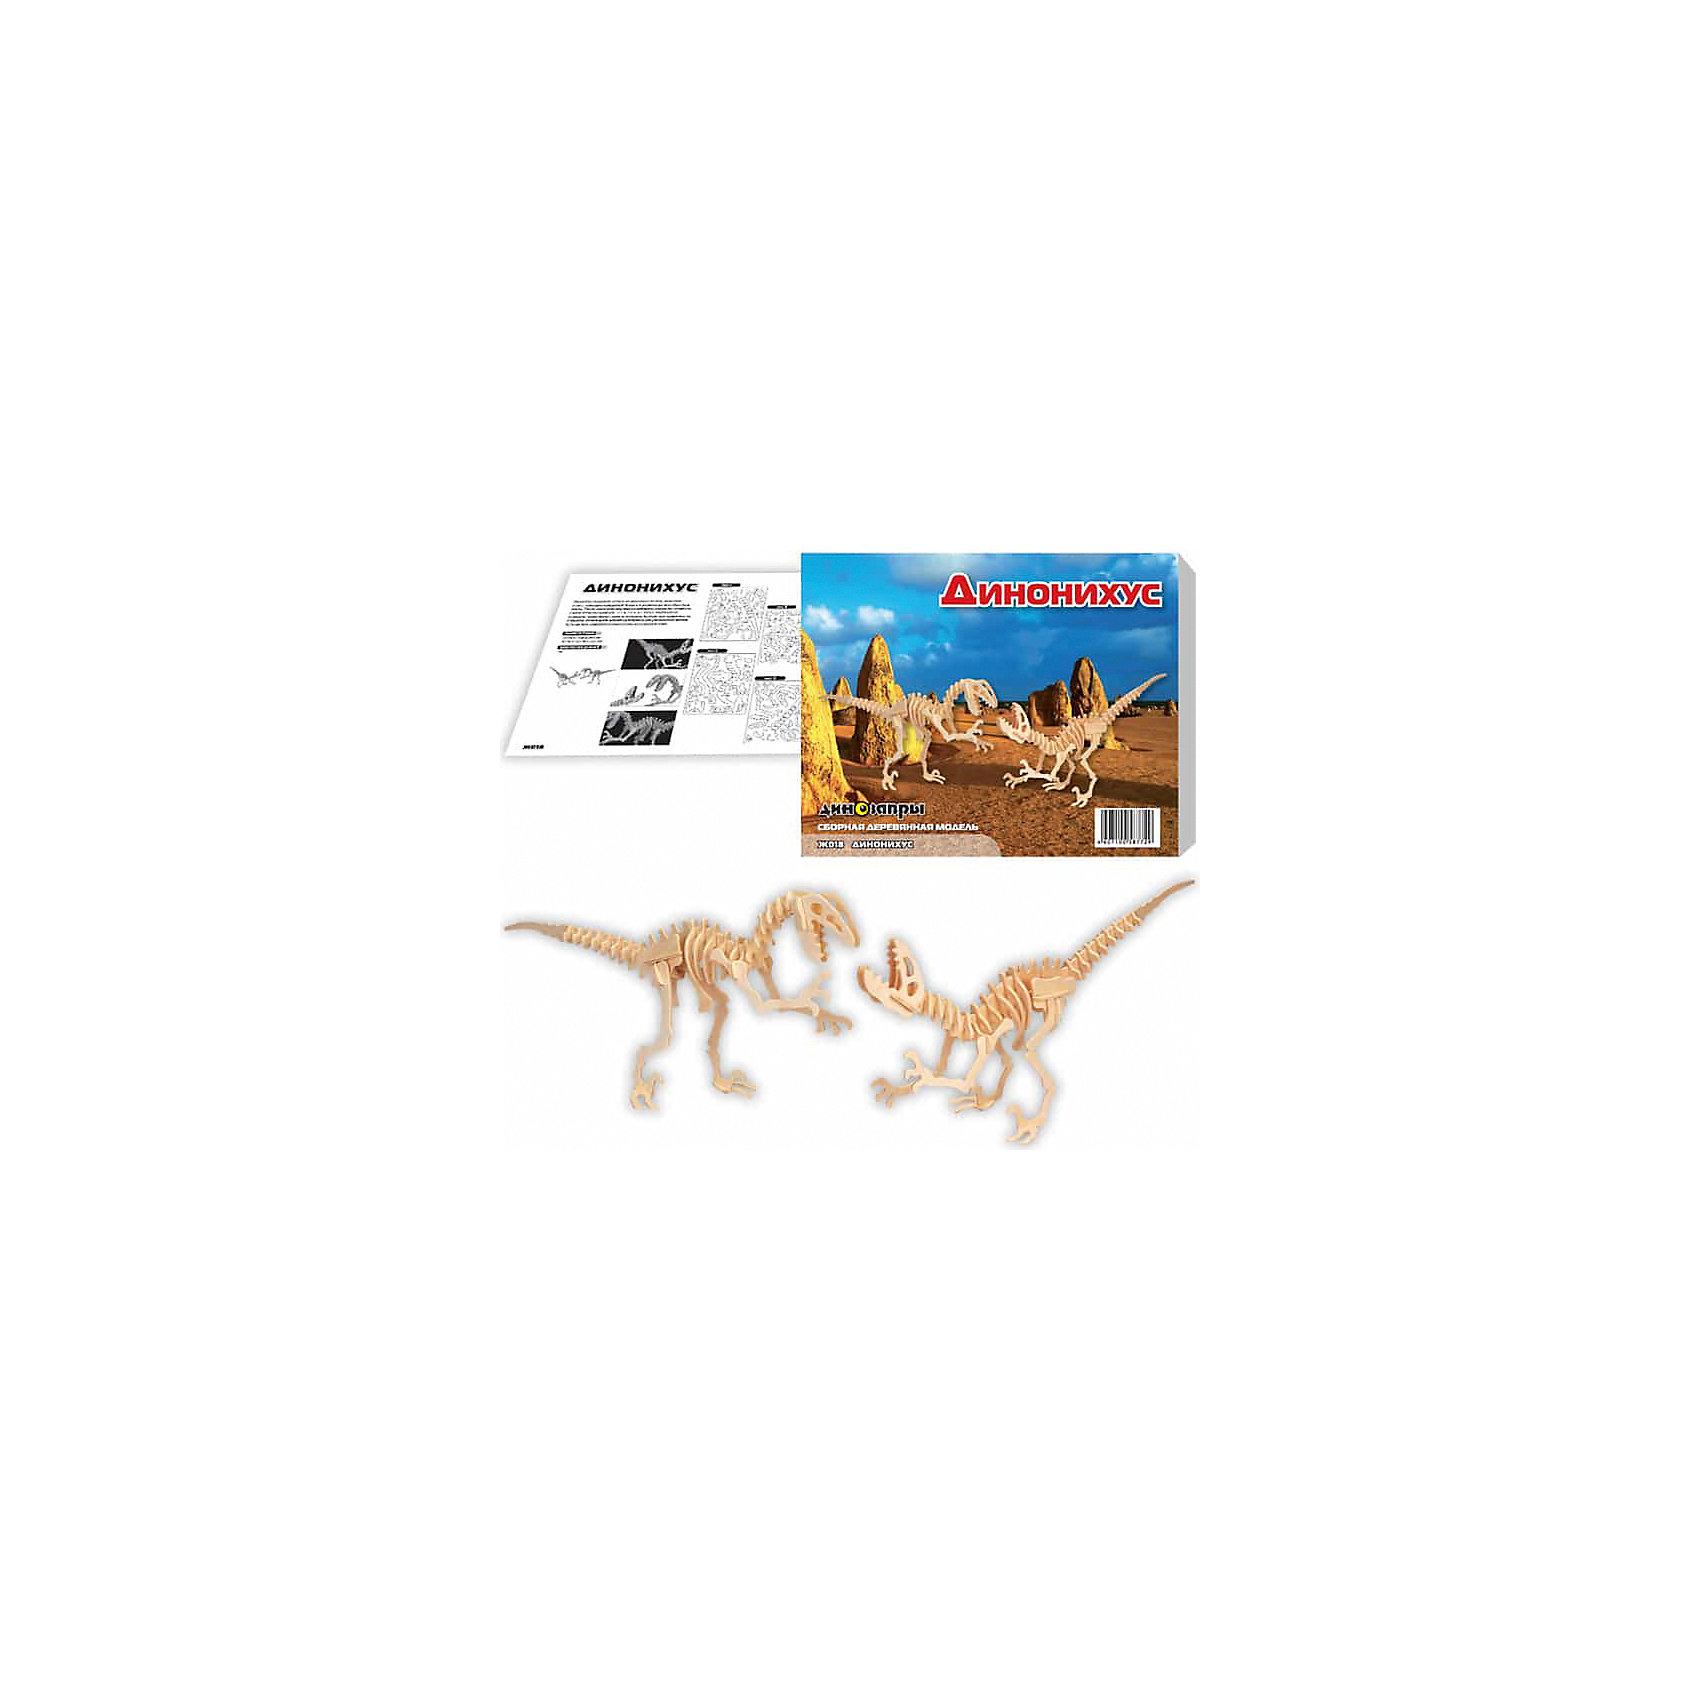 Динонихус (2в1), Мир деревянных игрушекДеревянные конструкторы<br>Бренд Мир деревянных игрушек дает ребенку возможность самому сделать красивую деревянную фигуру! Специально для любящих творчество и интересующихся вымершими животными были разработаны эти 3D-пазлы. Из них получаются красивые очень реалистичные фигуры, которые могут стать украшением комнаты.<br>Собирая их, ребенок будет учиться соотносить фигуры, развивать пространственное мышление, память и мелкую моторику. А раскрашивая готовое произведение, дети научатся подбирать цвета и будут развивать художественные навыки. Этот набор произведен из качественных и безопасных для детей материалов - дерево тщательно обработано.<br><br>Дополнительная информация:<br><br>материал: дерево;<br>цвет: бежевый;<br>элементы: пластины с деталями для сборки;<br>комплектация: детали для сборки двух игрушек;<br>размер упаковки: 23 х 18 см.<br><br>3D-пазл Динонихус (2в1) от бренда Мир деревянных игрушек можно купить в нашем магазине.<br><br>Ширина мм: 225<br>Глубина мм: 30<br>Высота мм: 180<br>Вес г: 950<br>Возраст от месяцев: 36<br>Возраст до месяцев: 144<br>Пол: Унисекс<br>Возраст: Детский<br>SKU: 4969050